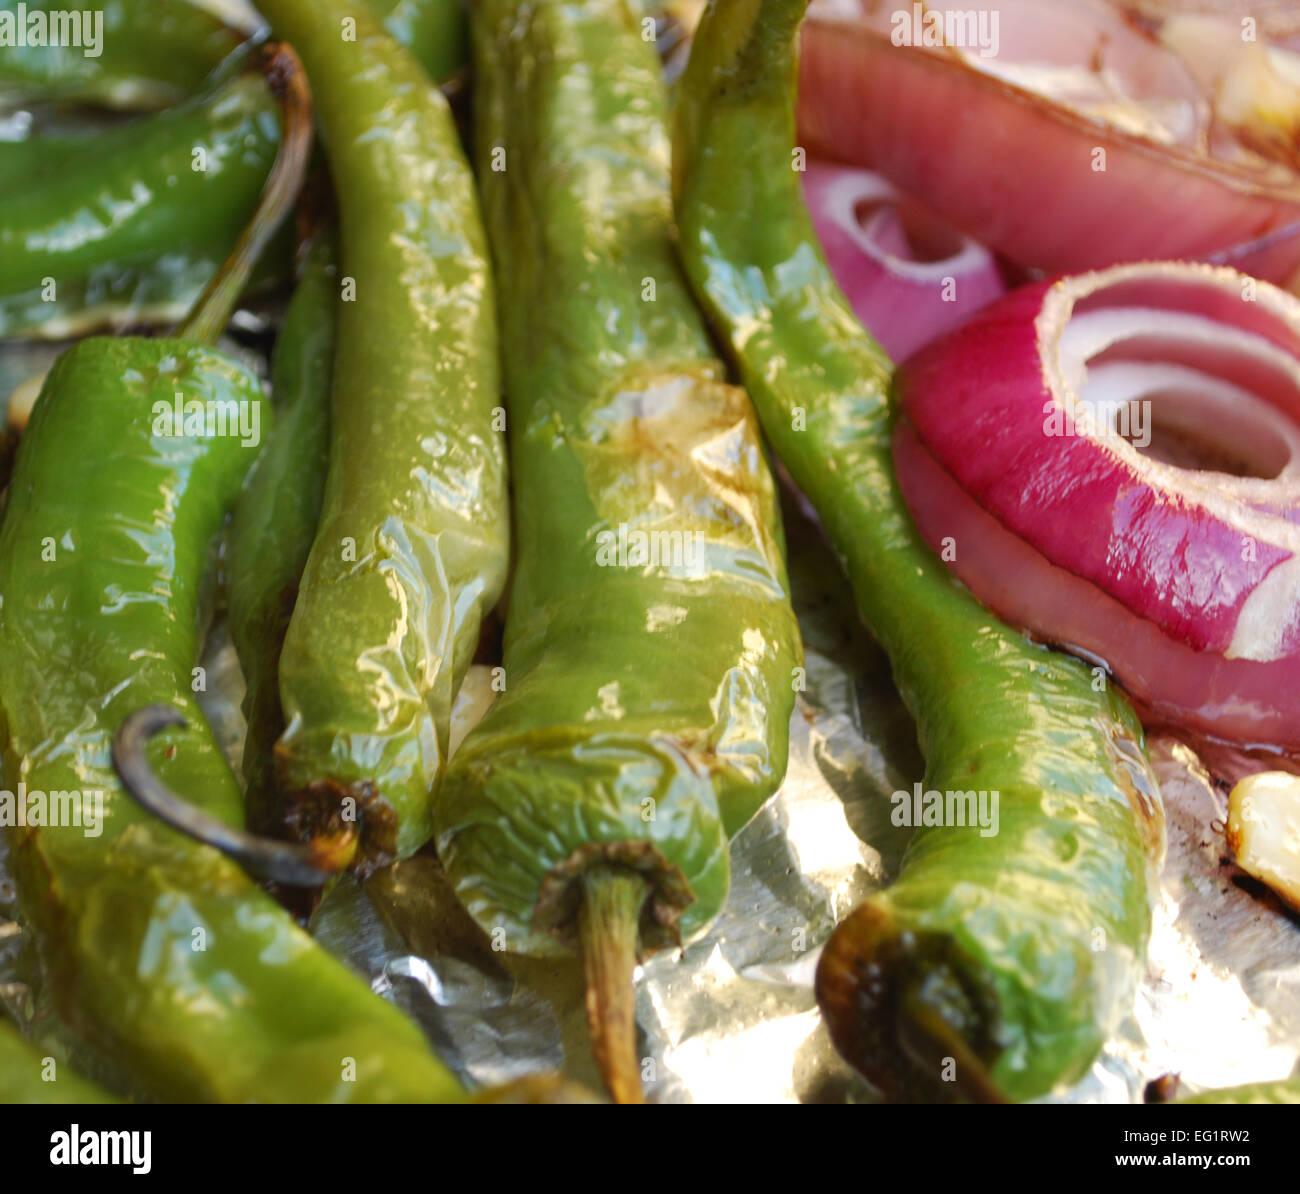 Cocinar Pimientos Verdes   Cocinar La Cebolla Y Los Pimientos Verdes Foto Imagen De Stock